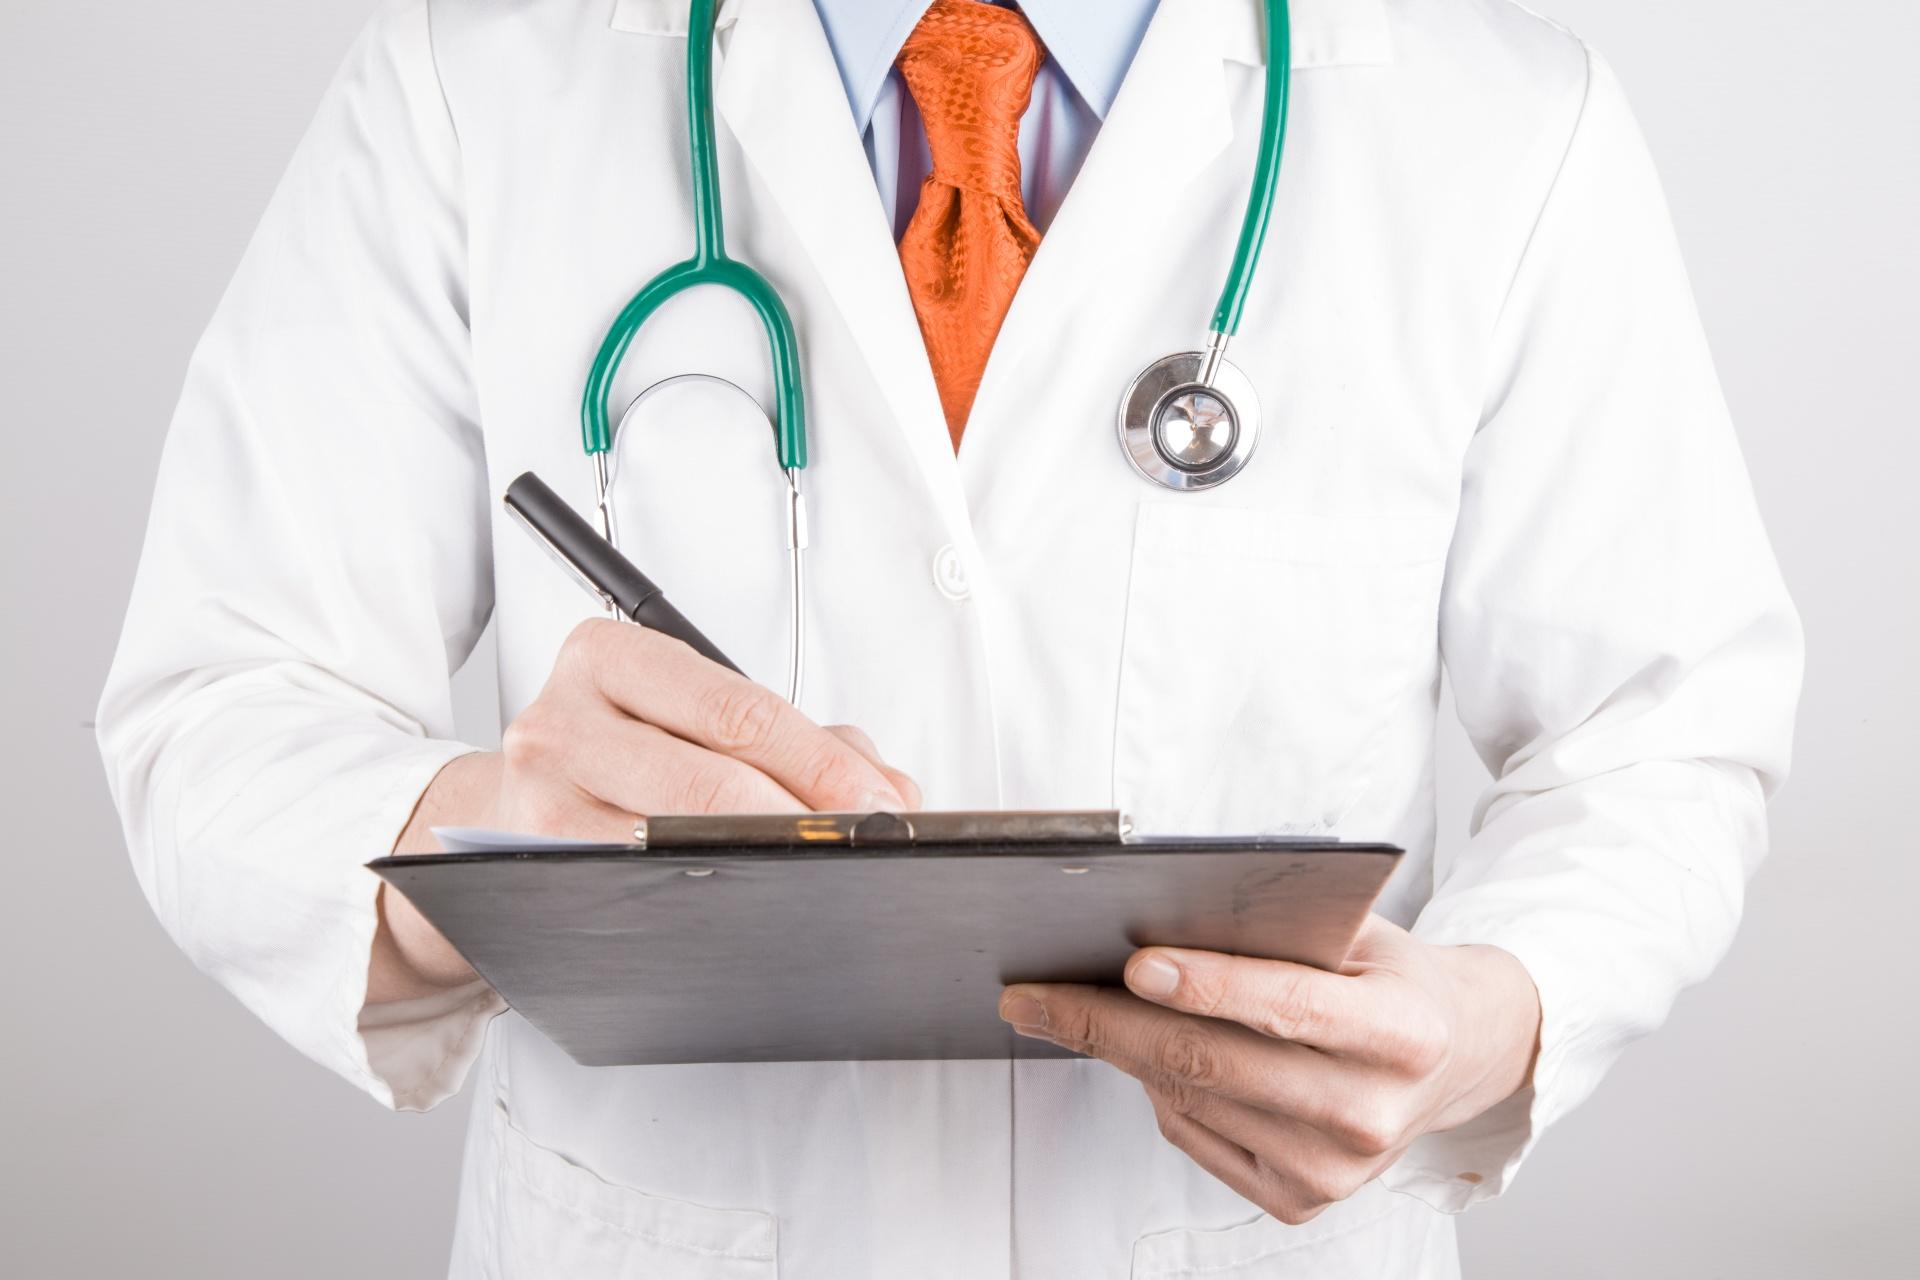 Le traitement aigu atopitcheskogo de la dermatite